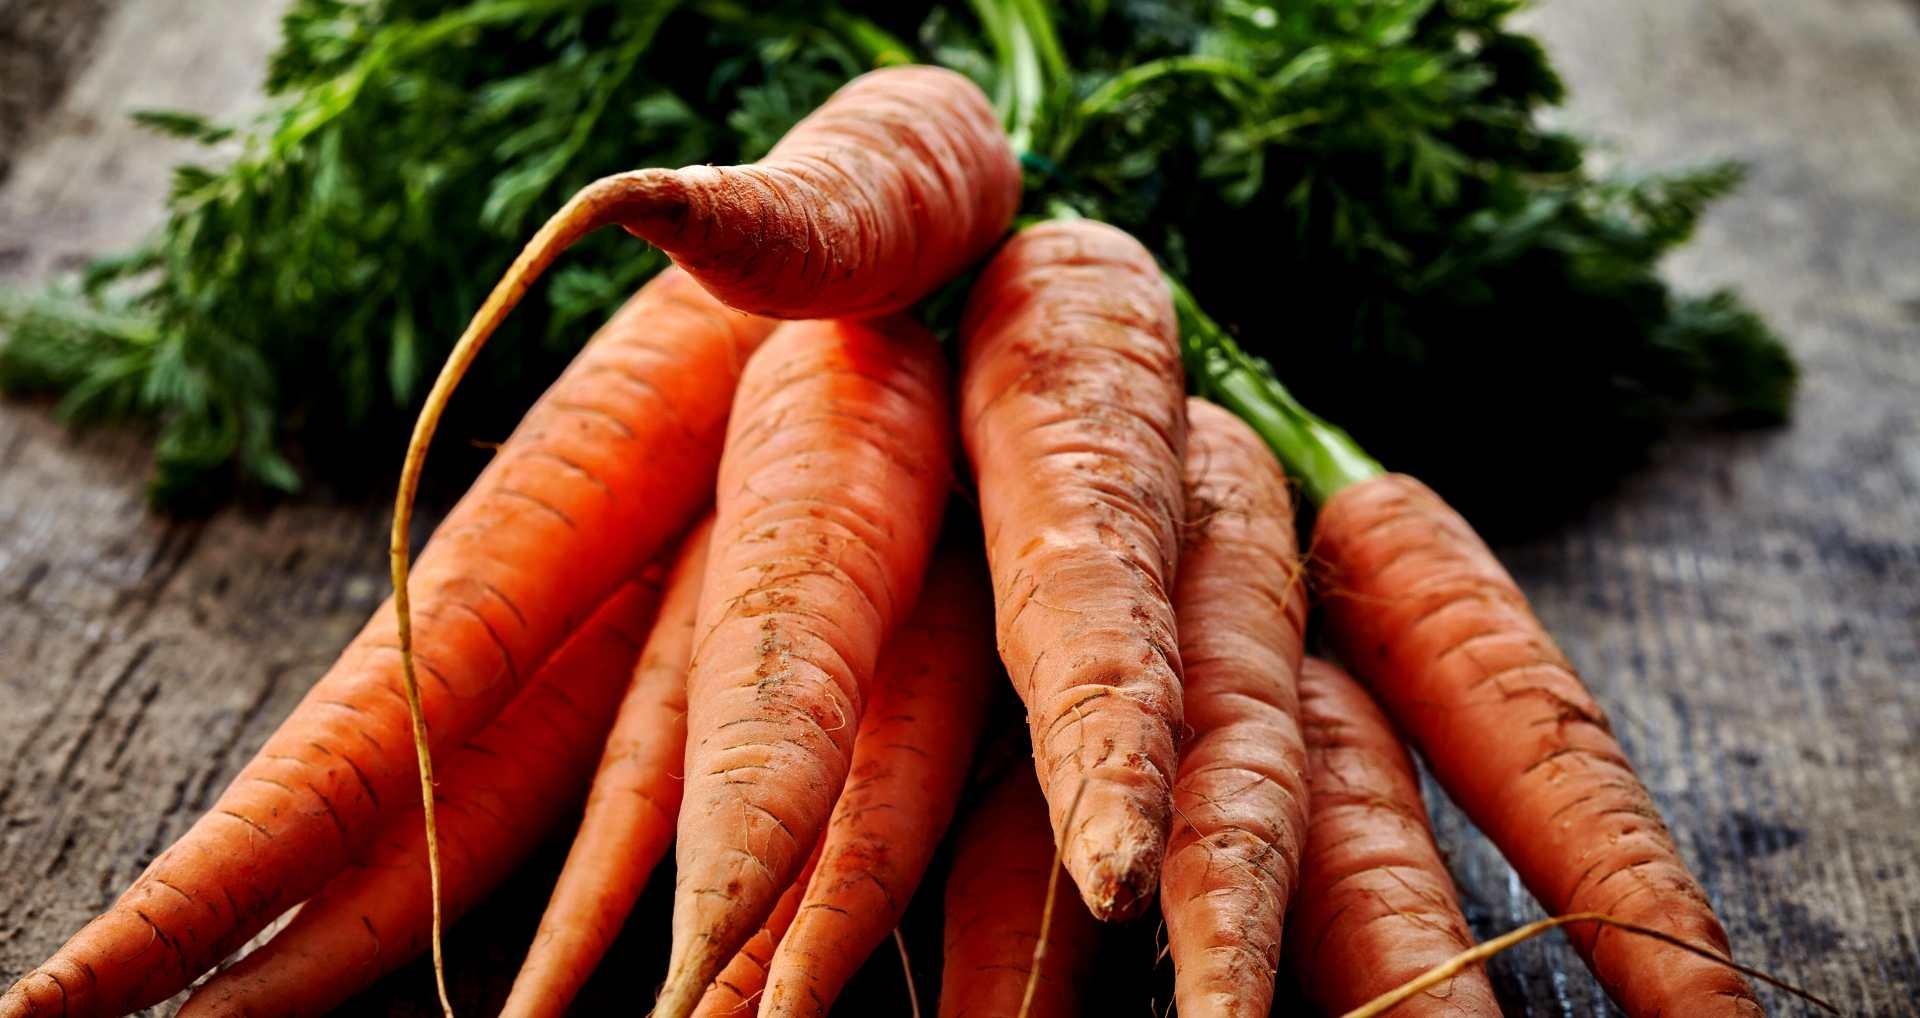 Les carottes, un ingrédient permettant de rendre le béton plus solide et plus écologique ?